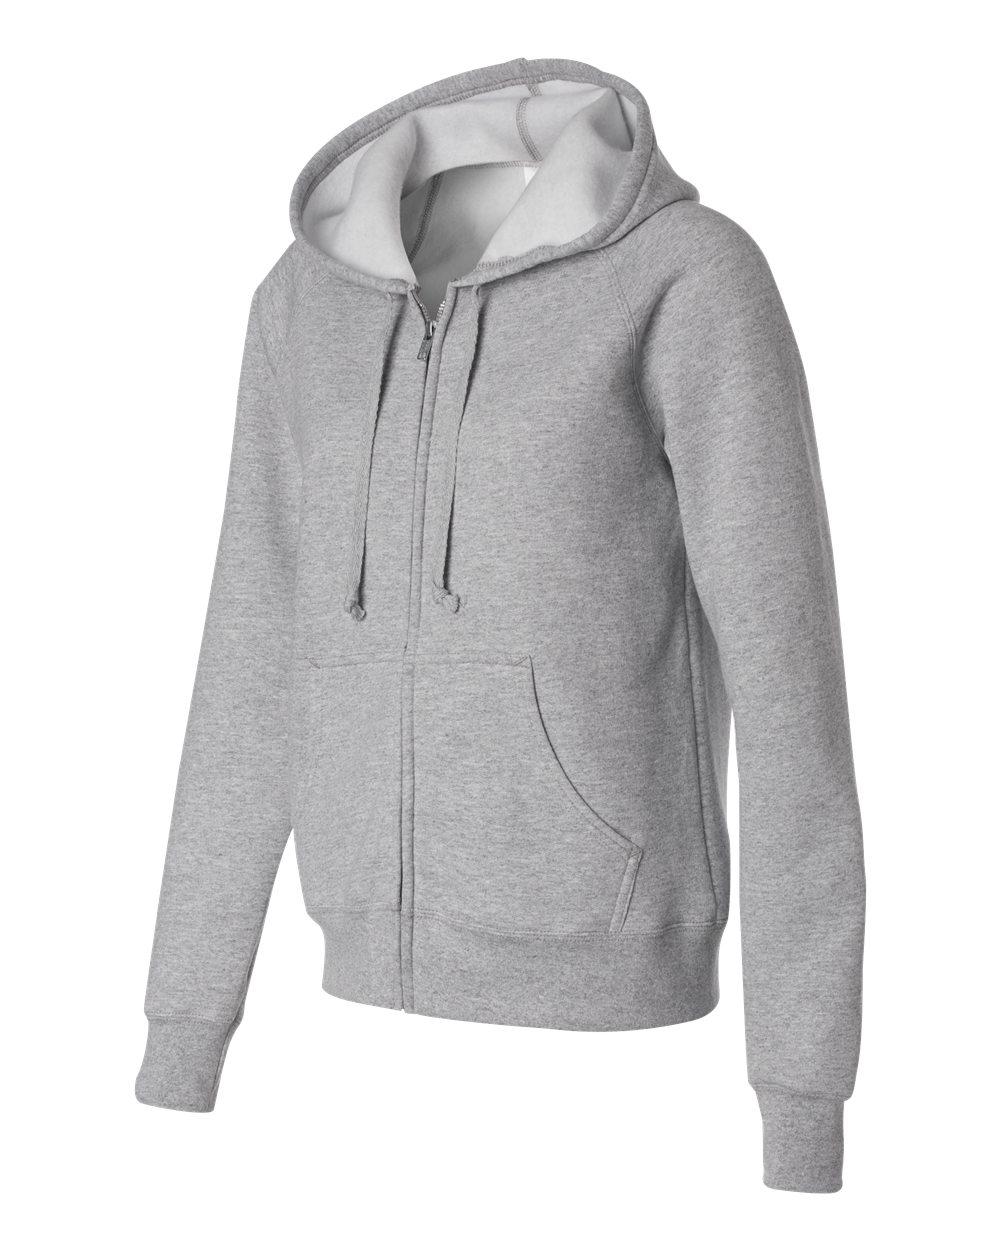 Hanes W280 - Ladies' Full-Zip ComfortBlend EcoSmart Hooded Sweatshirt